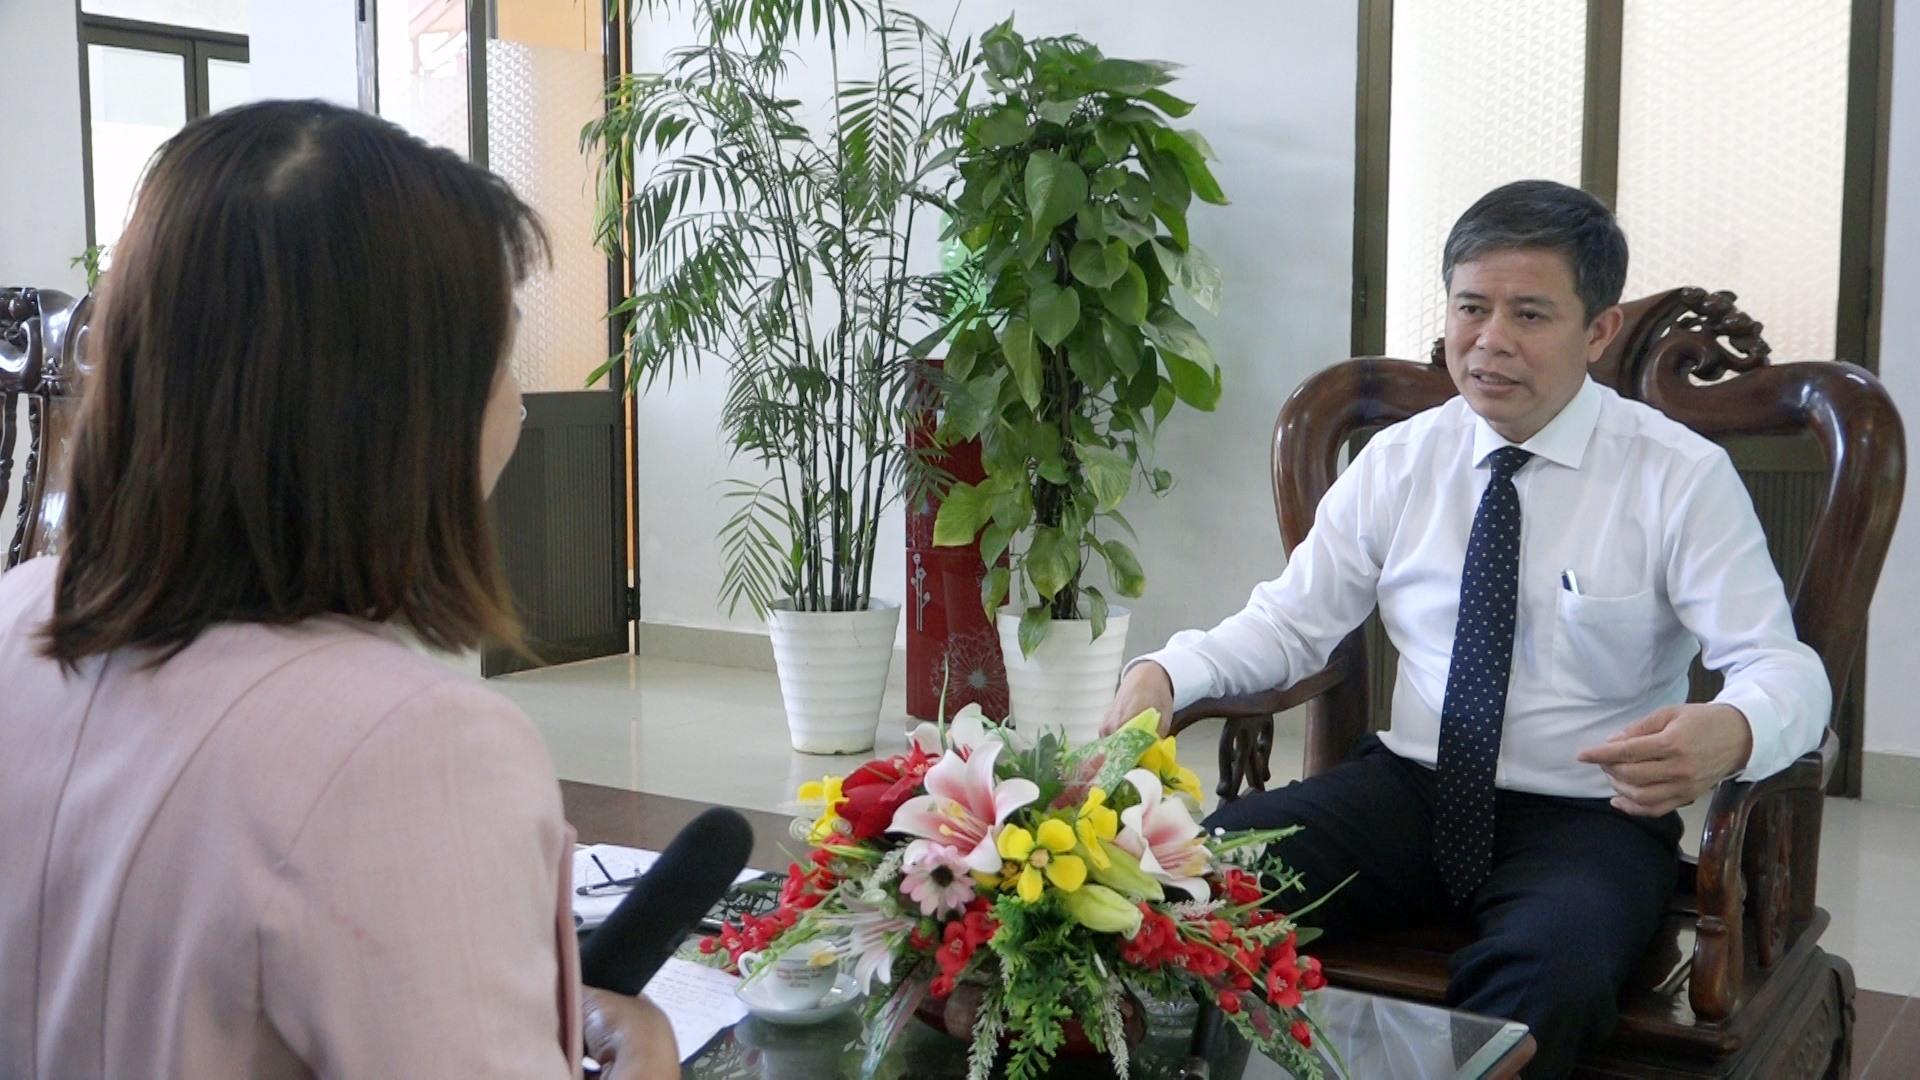 Chủ tịch UBND huyện Thăng Bình - Võ Văn Hùng cho biết, năm 2021 huyện quyết tâm thực hiện cải cách hành chính ở mức độ cao hơn. Ảnh: T.T